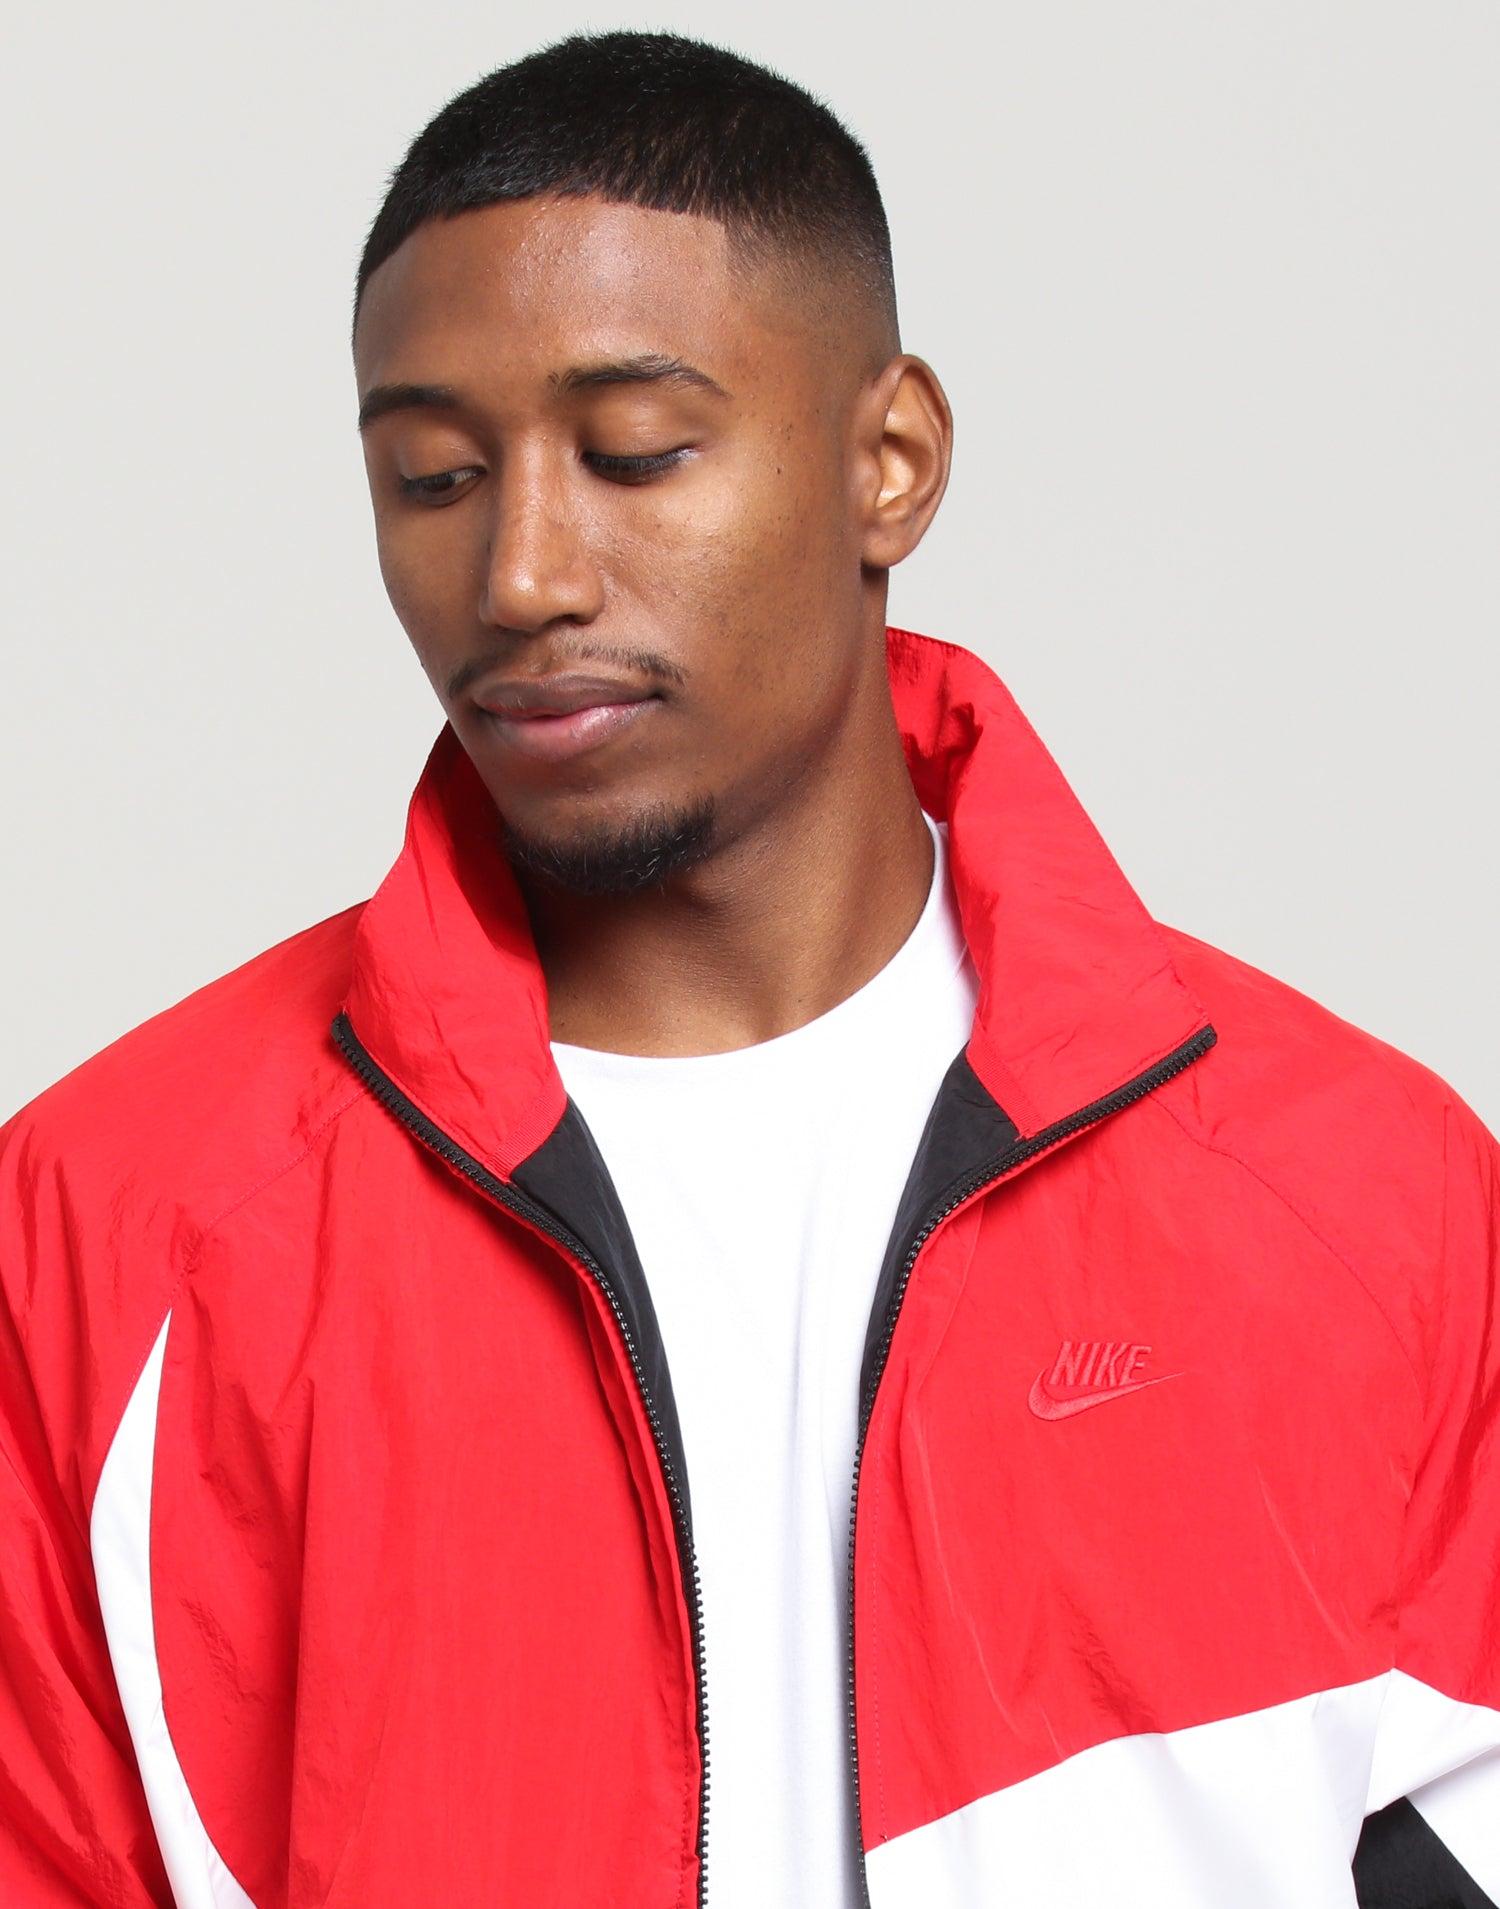 Nike Men Red Jackets Buy Nike Men Red Jackets online in India